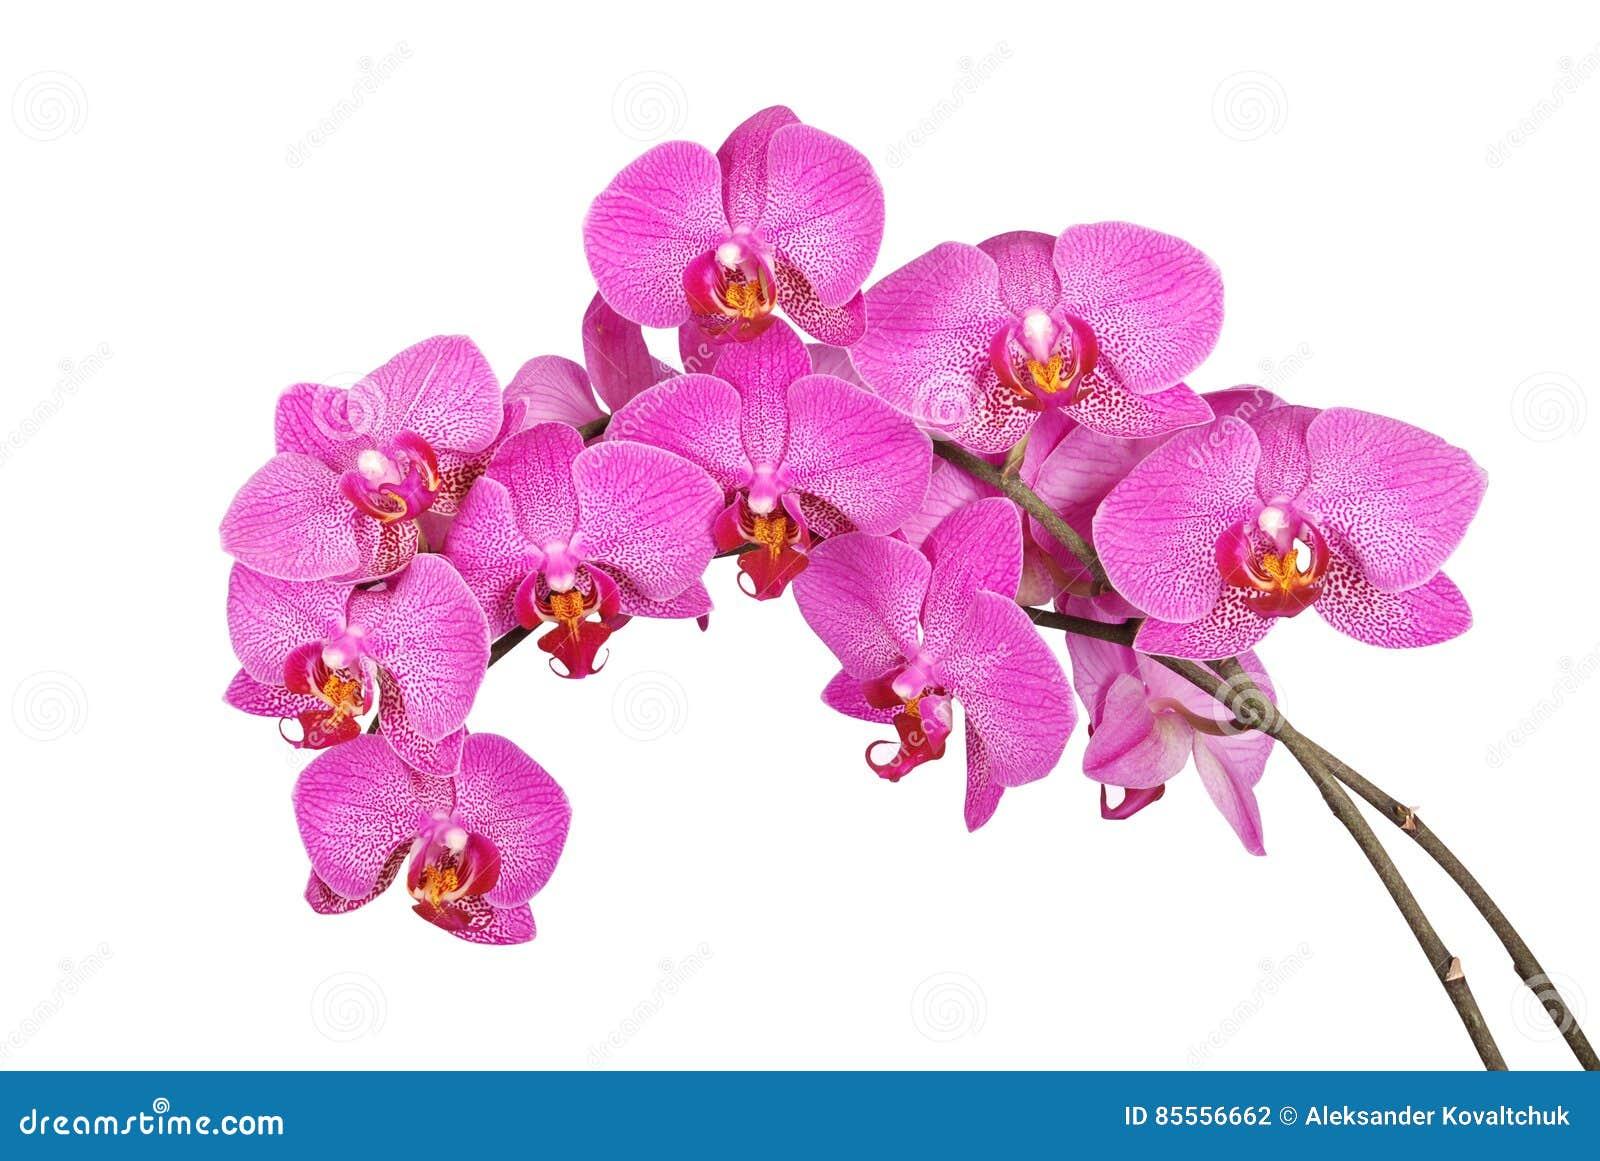 Purpurroter Orchideenblume Beschneidungspfad